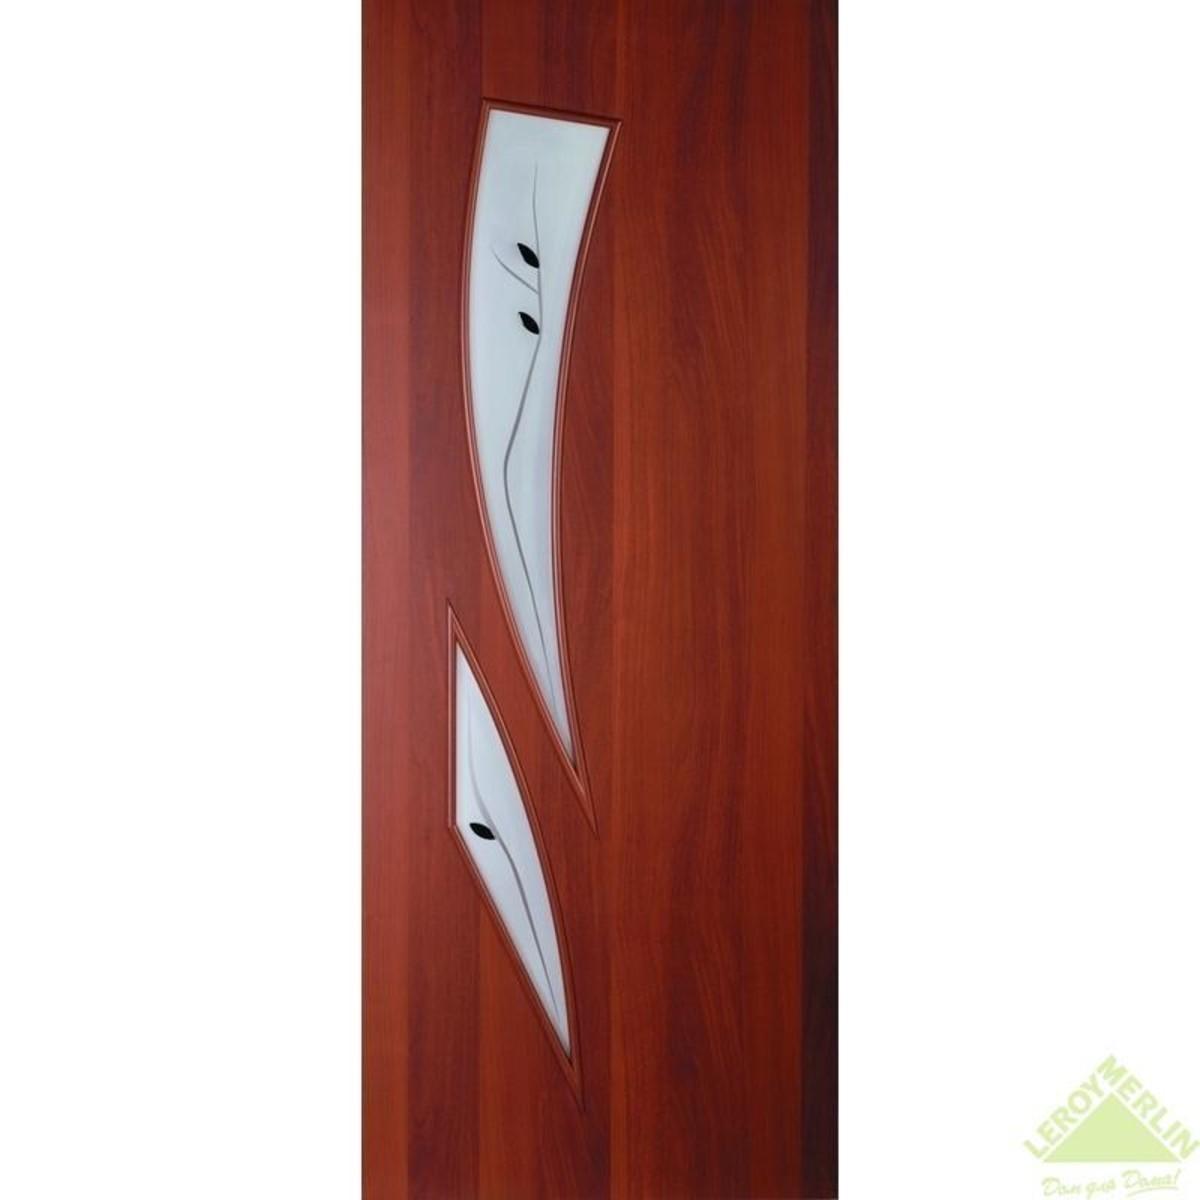 Дверь межкомнатная остеклённая Камея 900x2000 мм ламинация итальянский орех